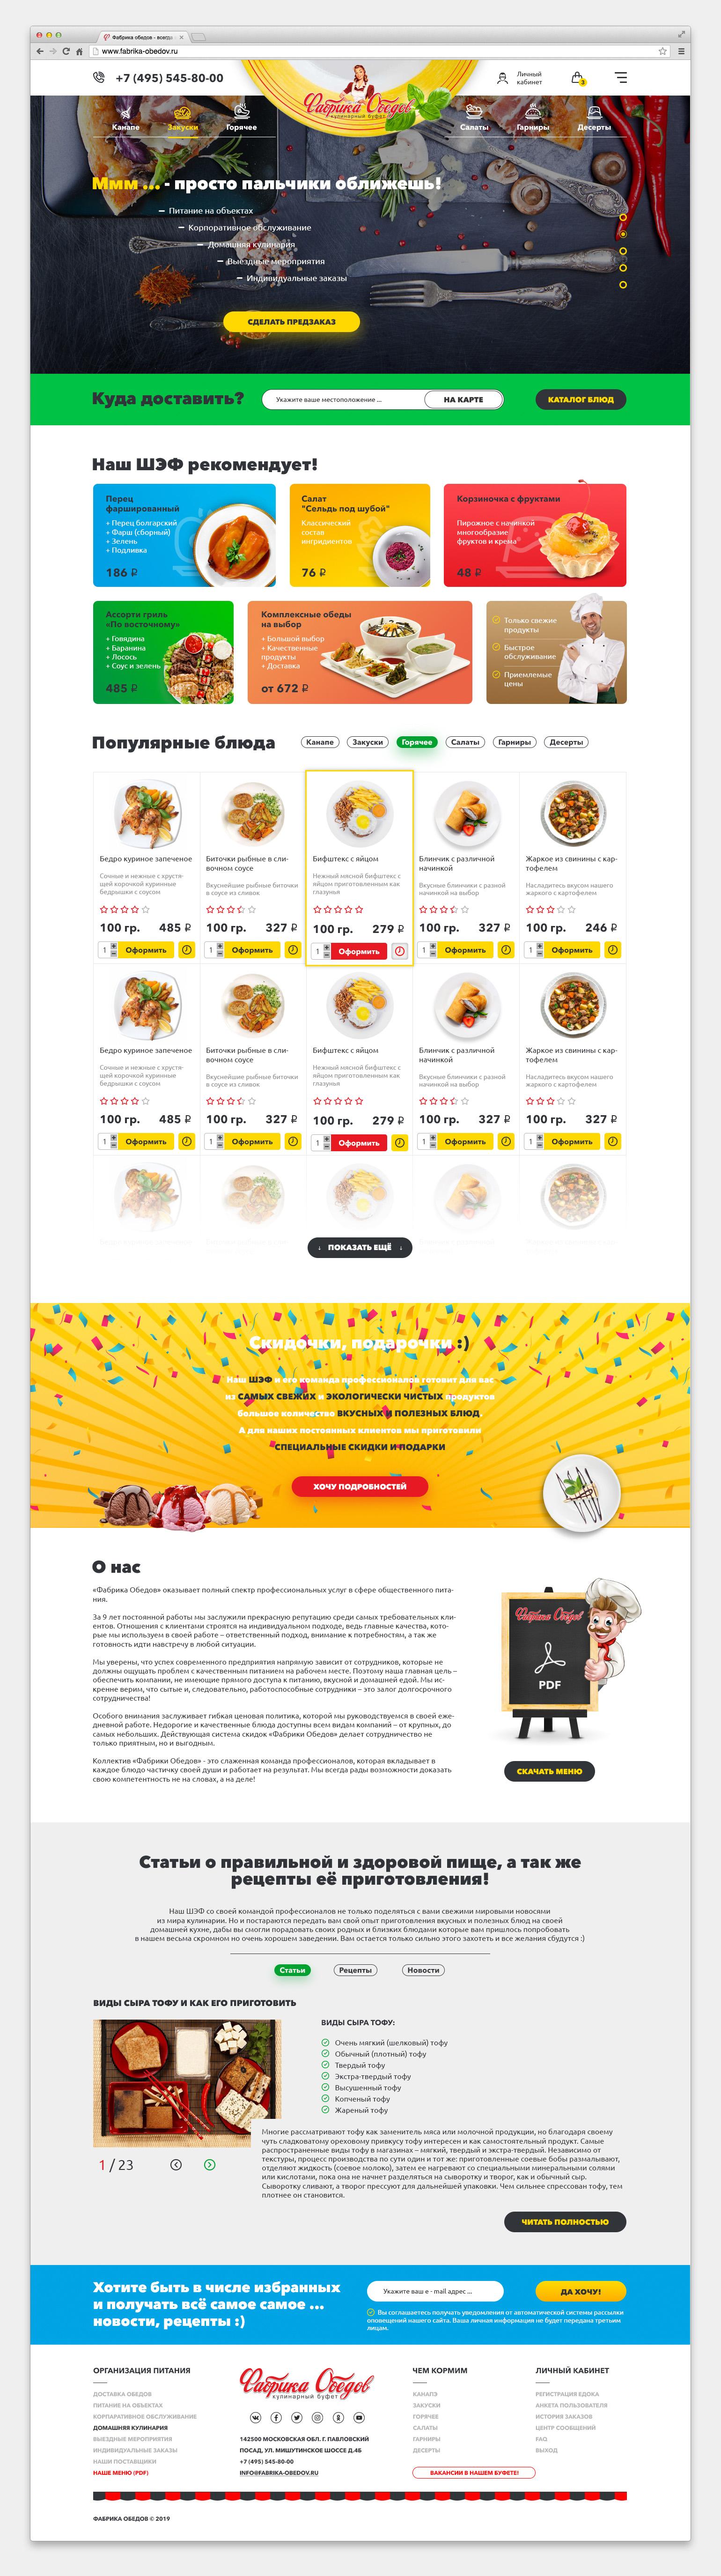 требуется разработать новый дизайн сайта  фото f_1855c44892696970.jpg